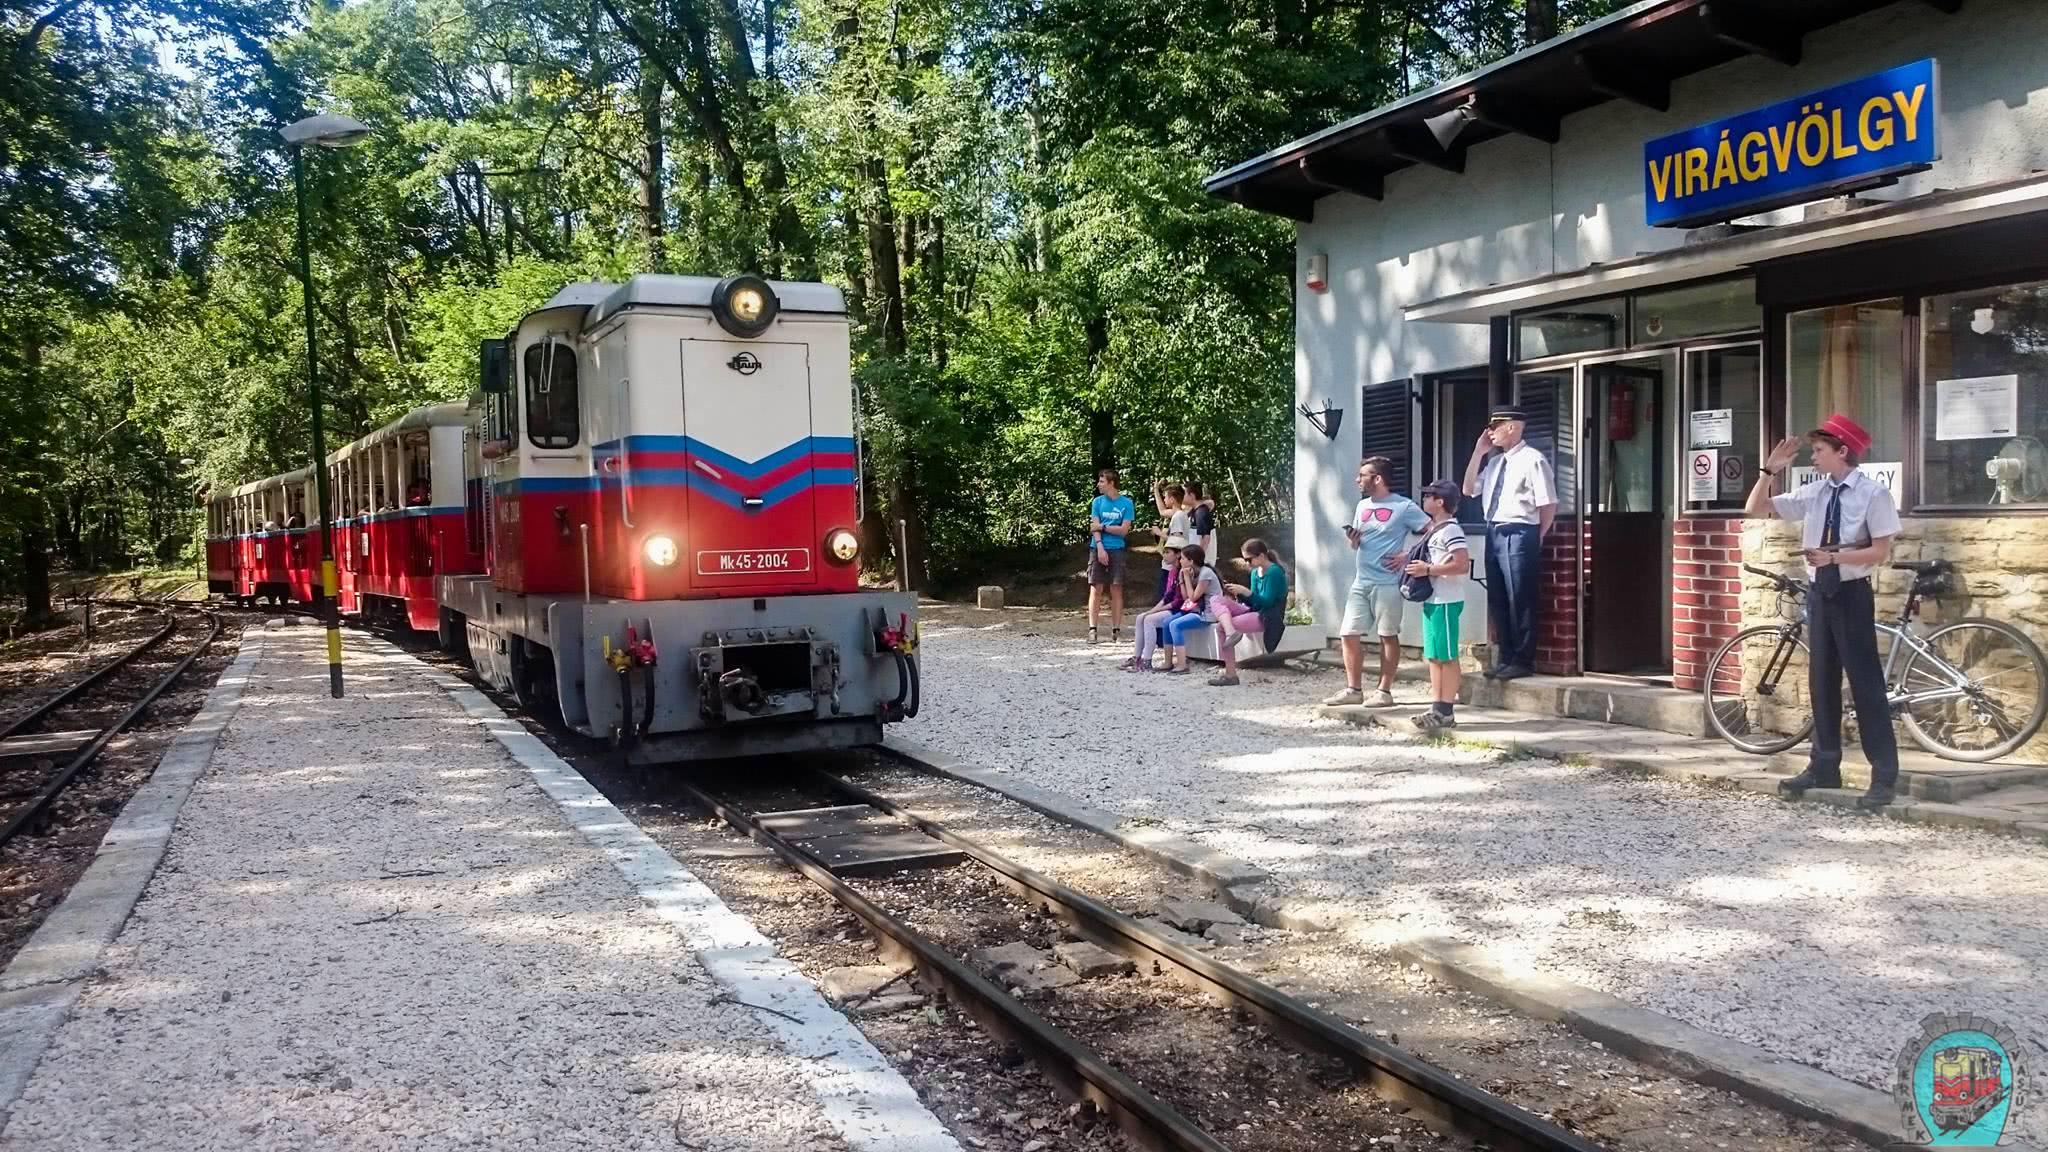 A normafai játszótér közelében Virágvölgy állomás